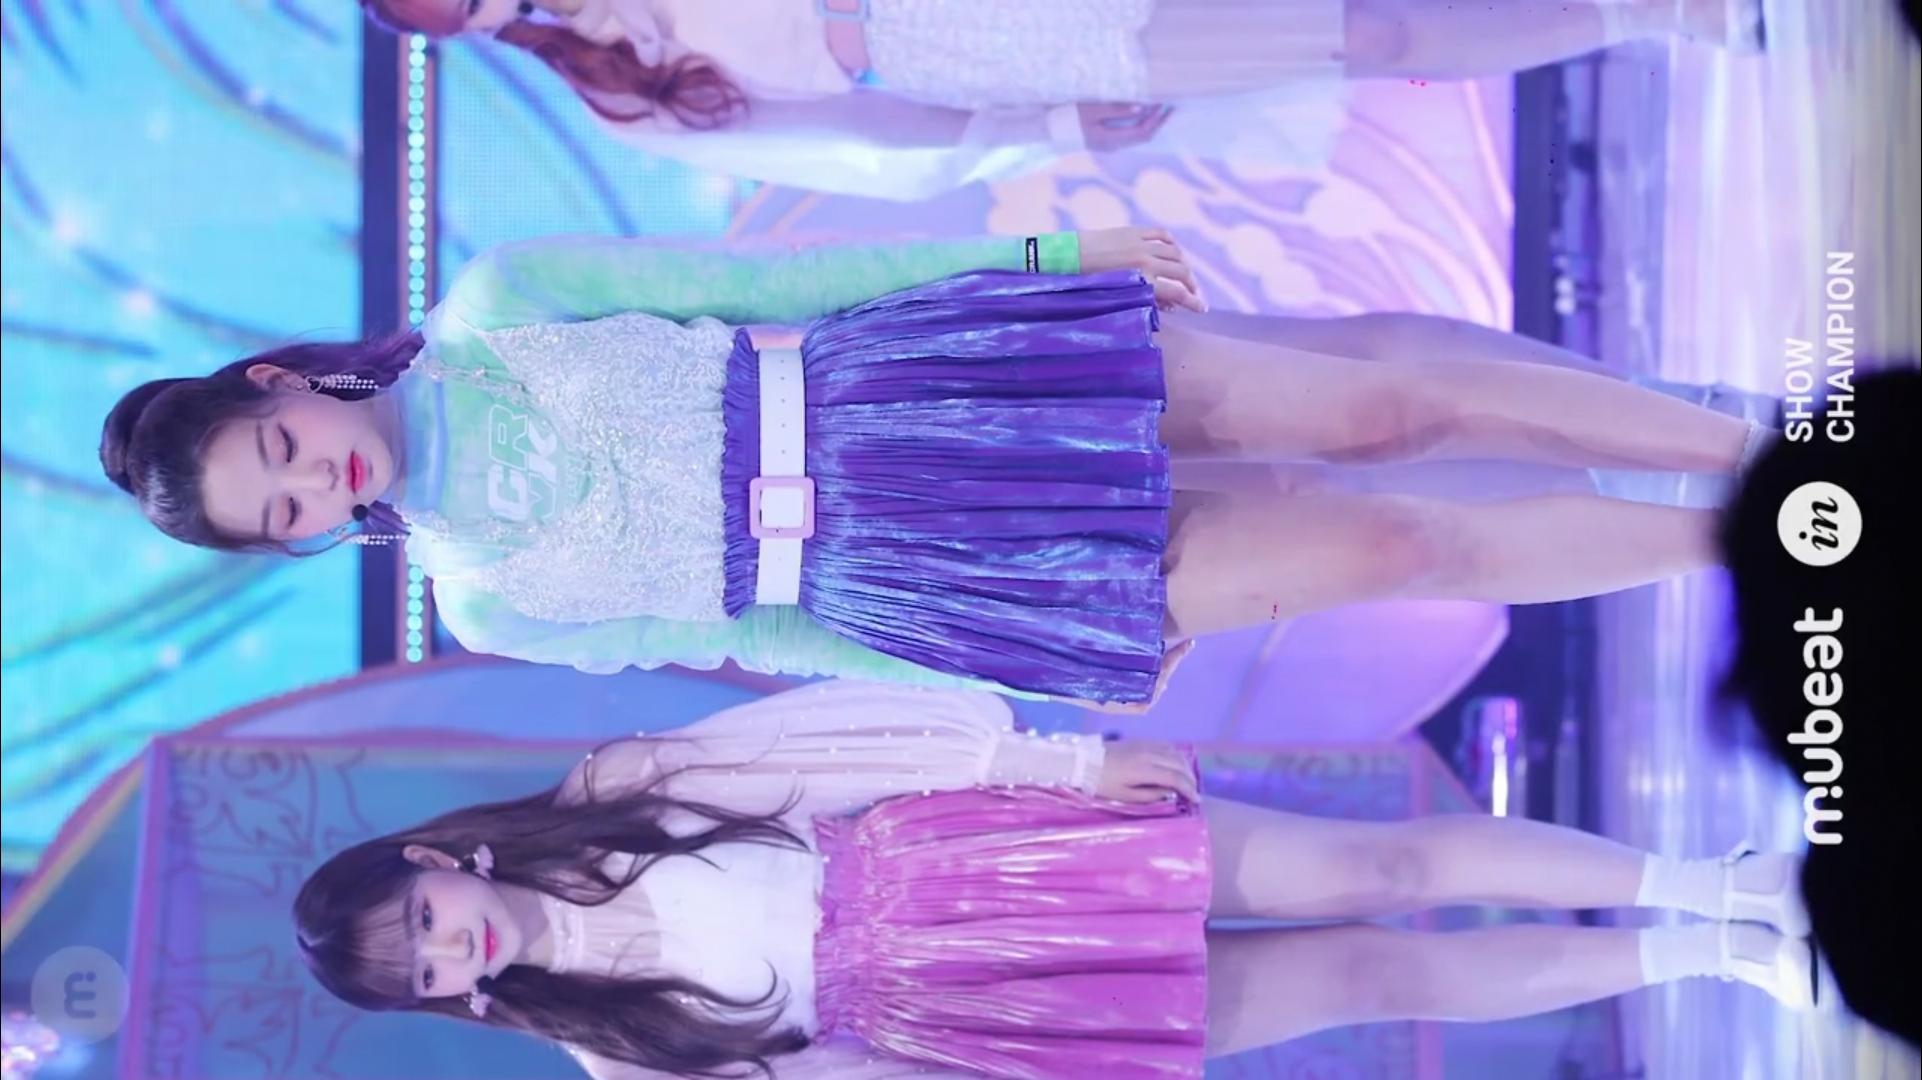 【张元英】Violeta 张元英短裙直拍